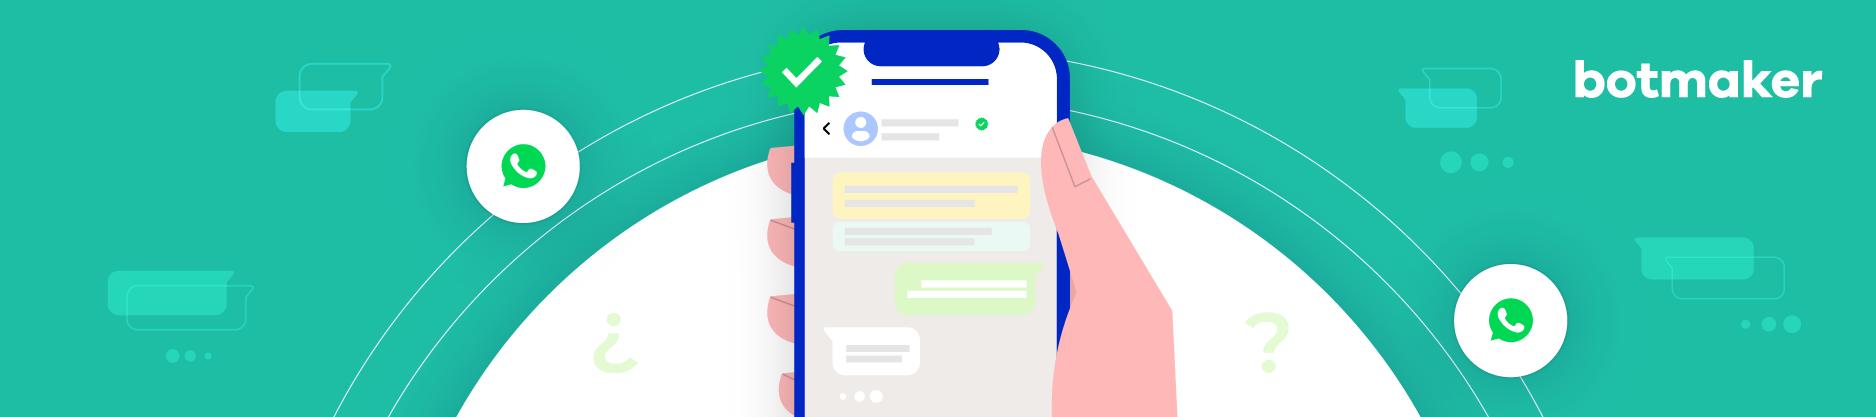 whatsapp-business-que-es-y-como-funciona